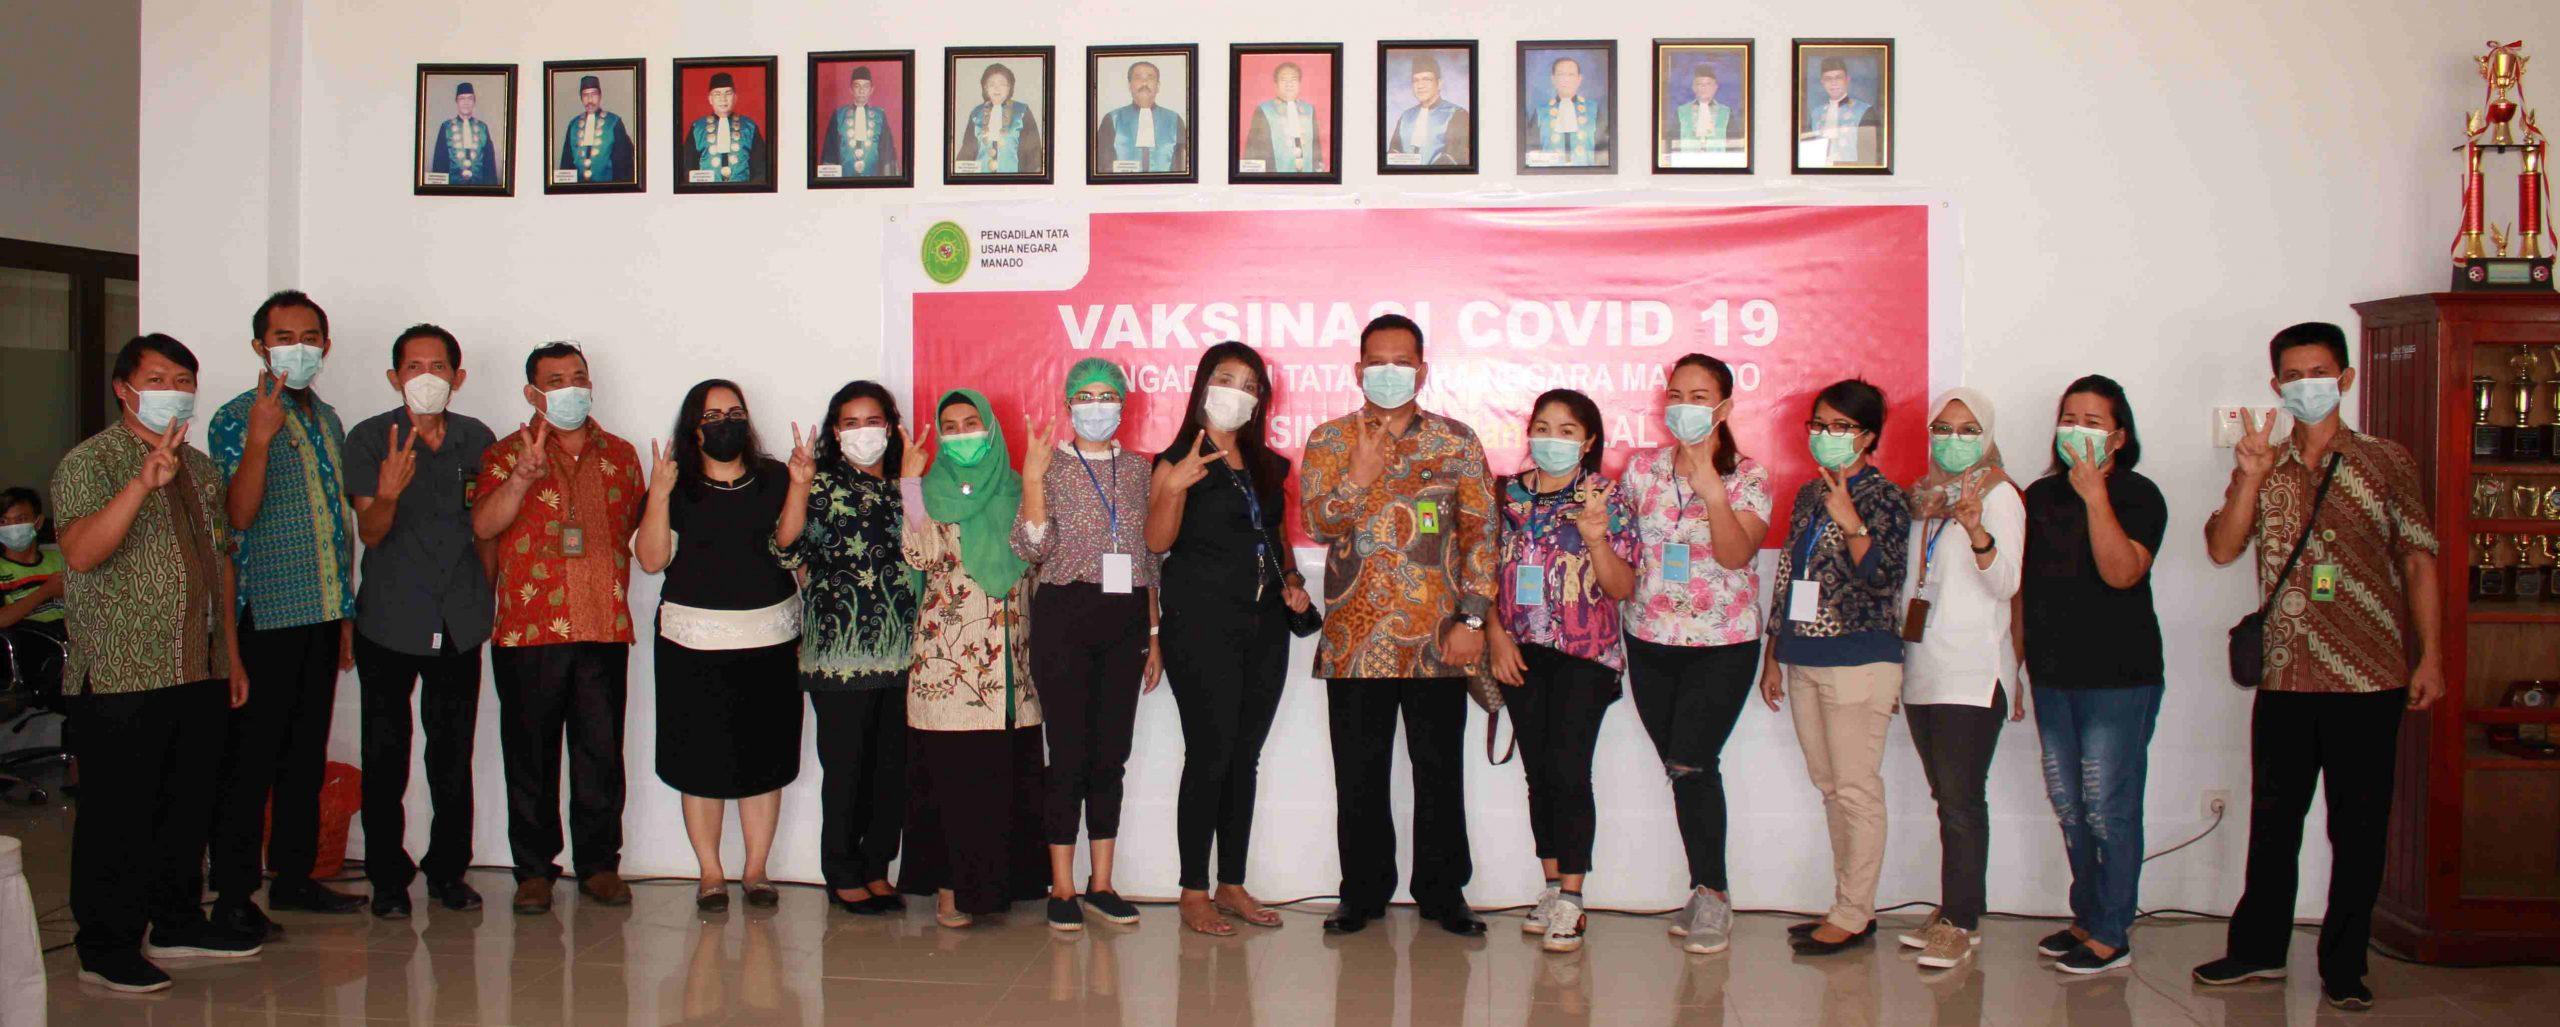 Pengadilan Tata Usaha Negara Manado Melaksanakan Kegiatan Vaksinasi Sebagai Upaya Pencegahan Covid-19